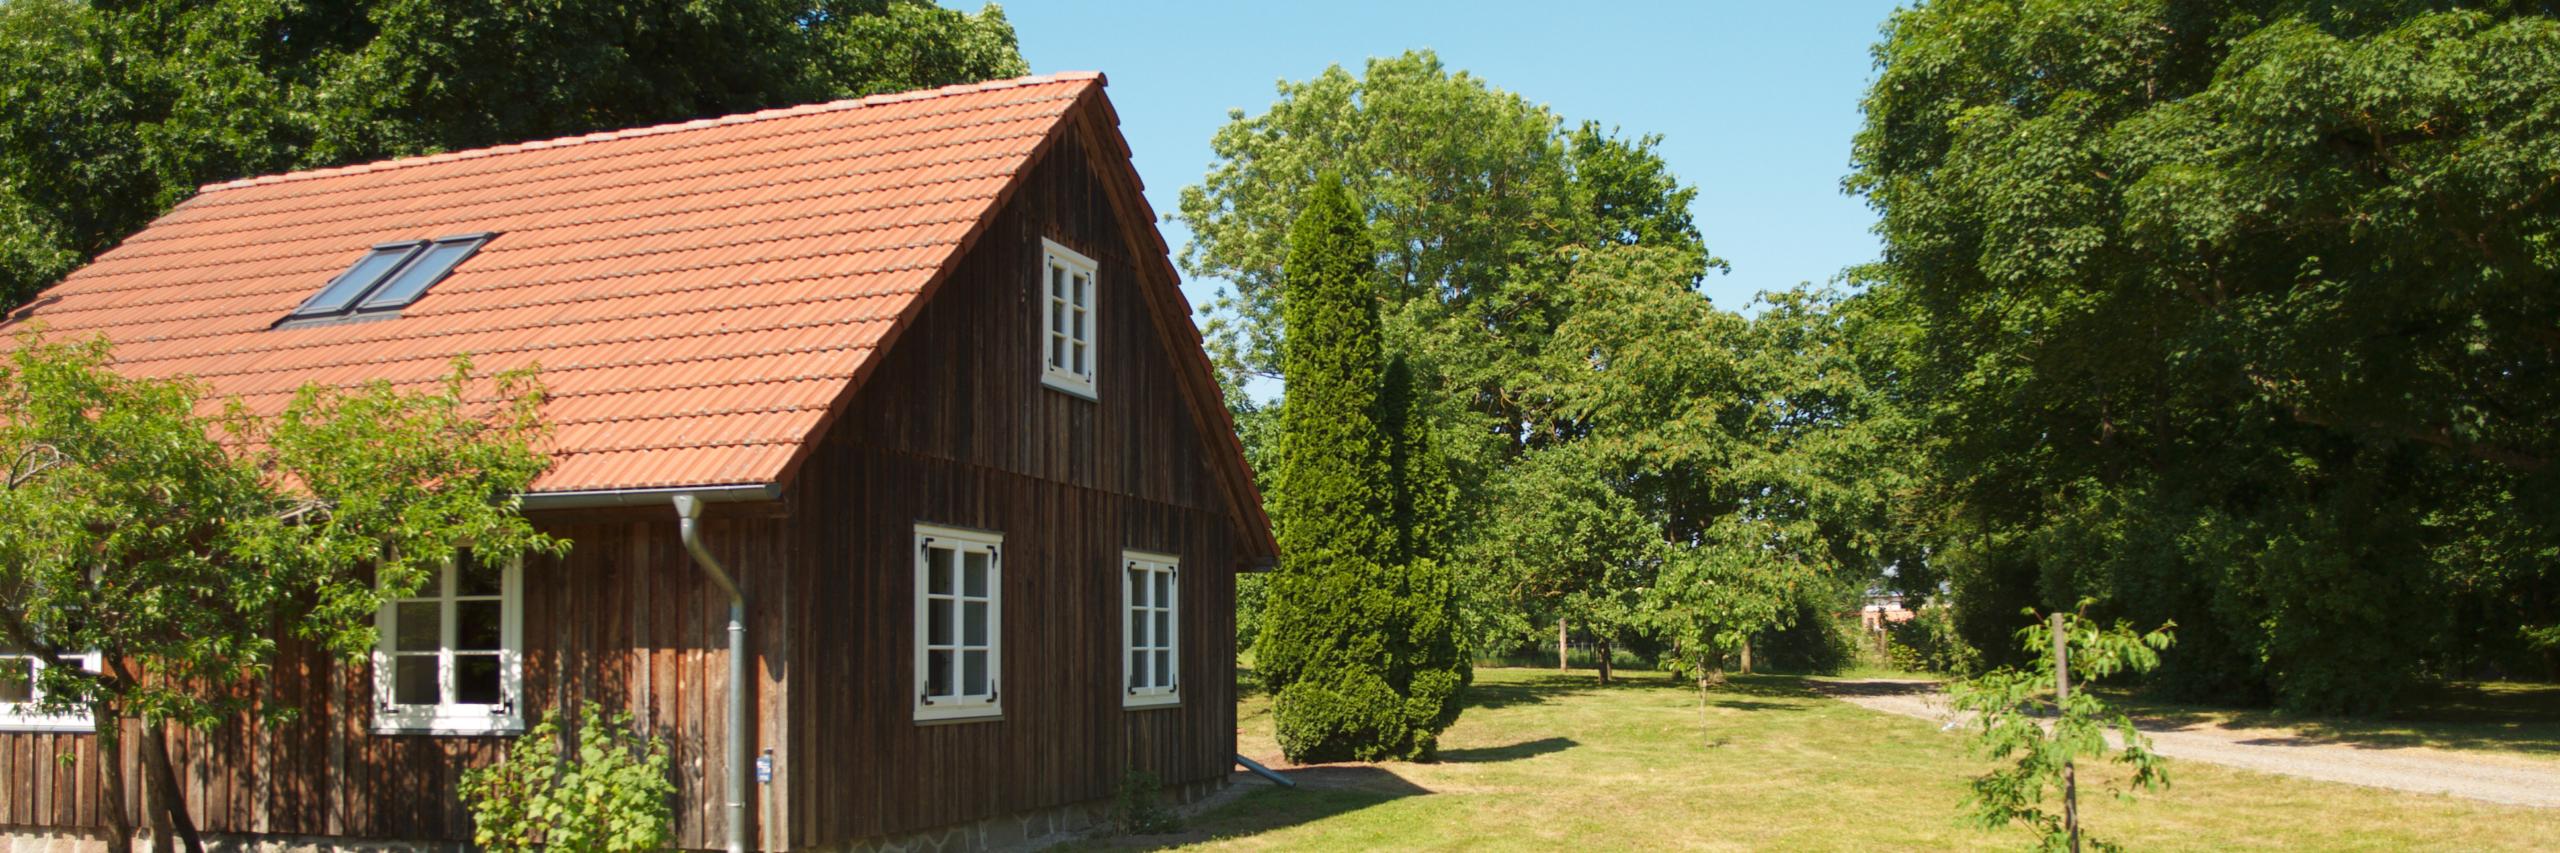 Das Gärtnerhaus - ein Ferienhaus im Schlosspark des Guts Zinzow